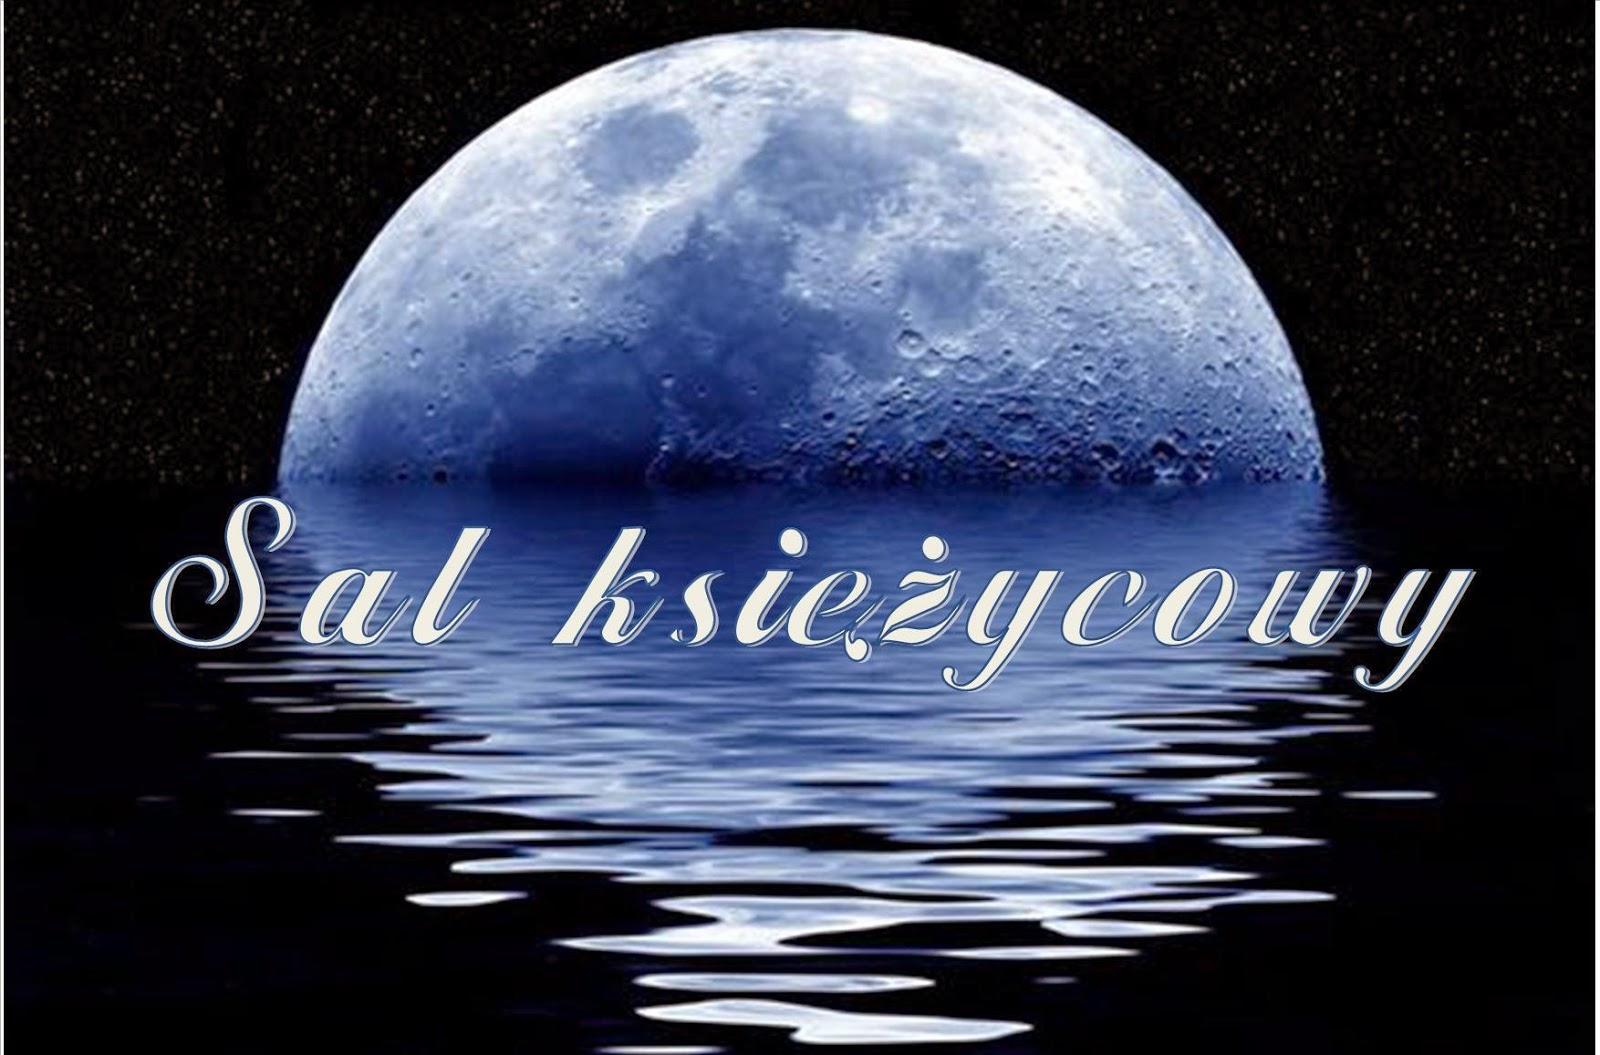 Sal ksieżycowy